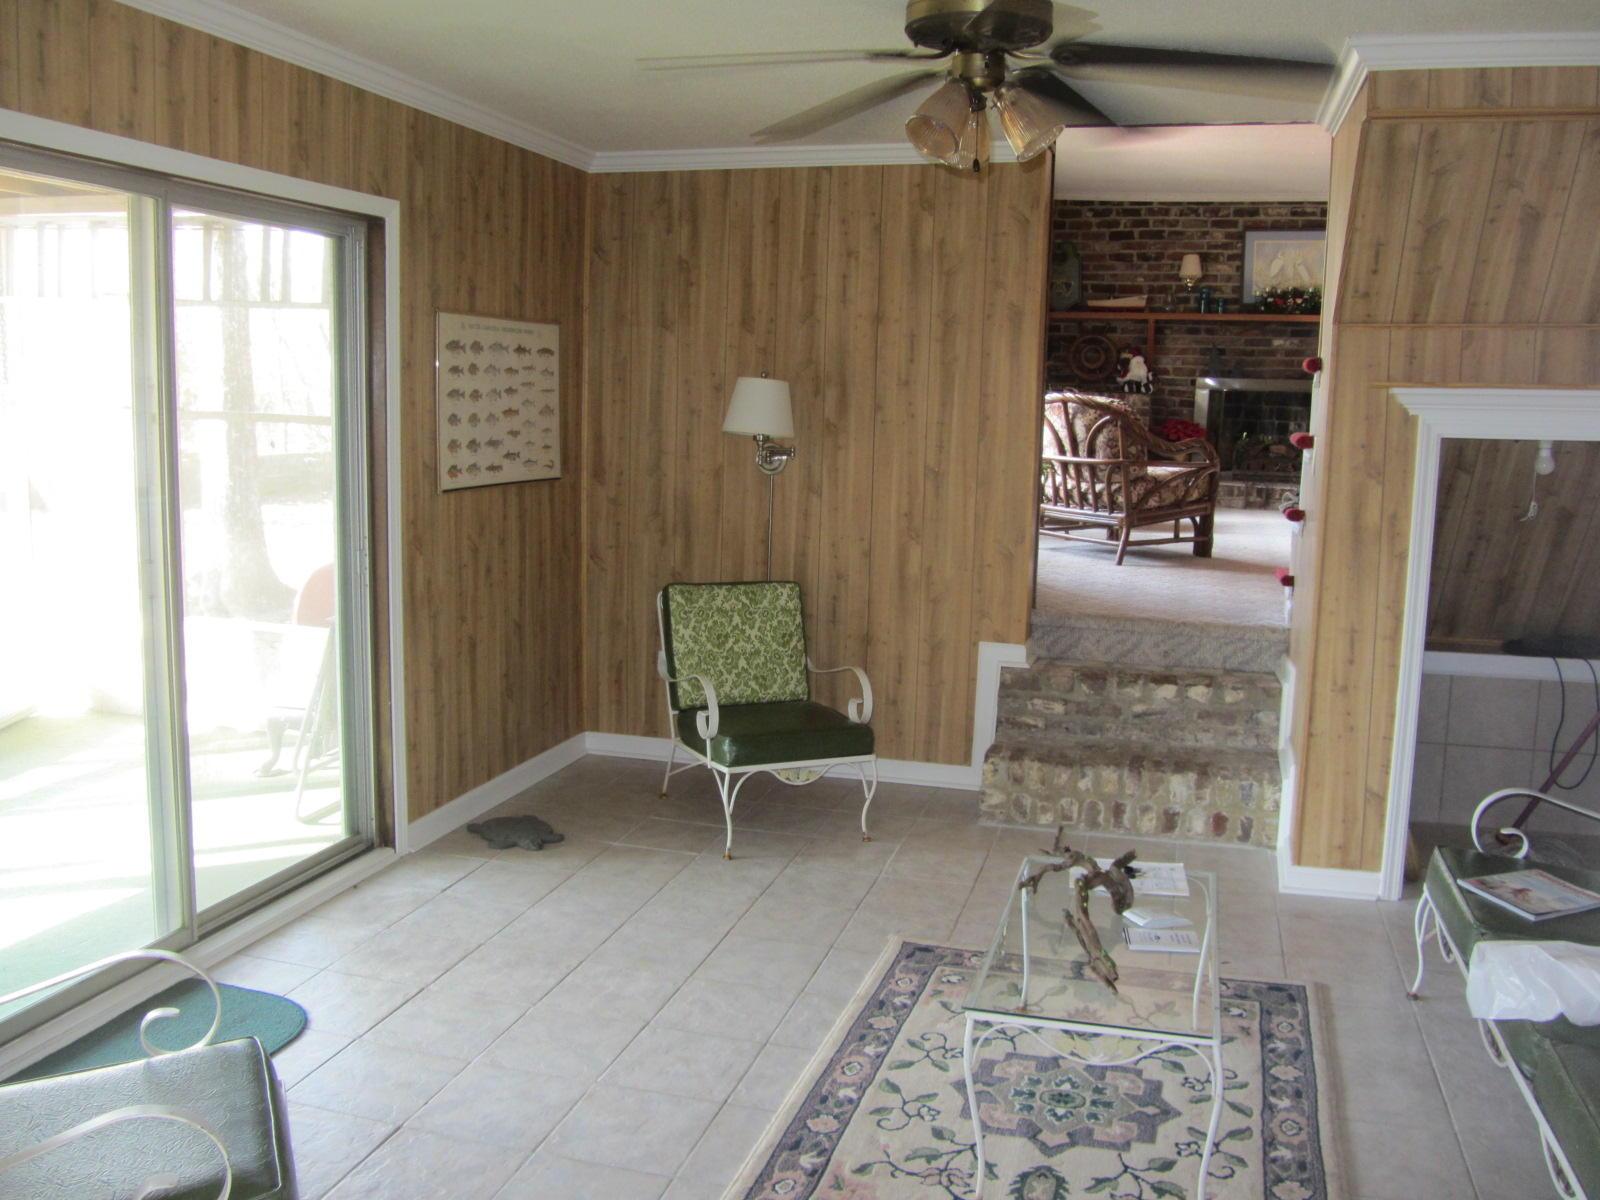 Edisto River Homes For Sale - 265 Blackwater, Round O, SC - 2